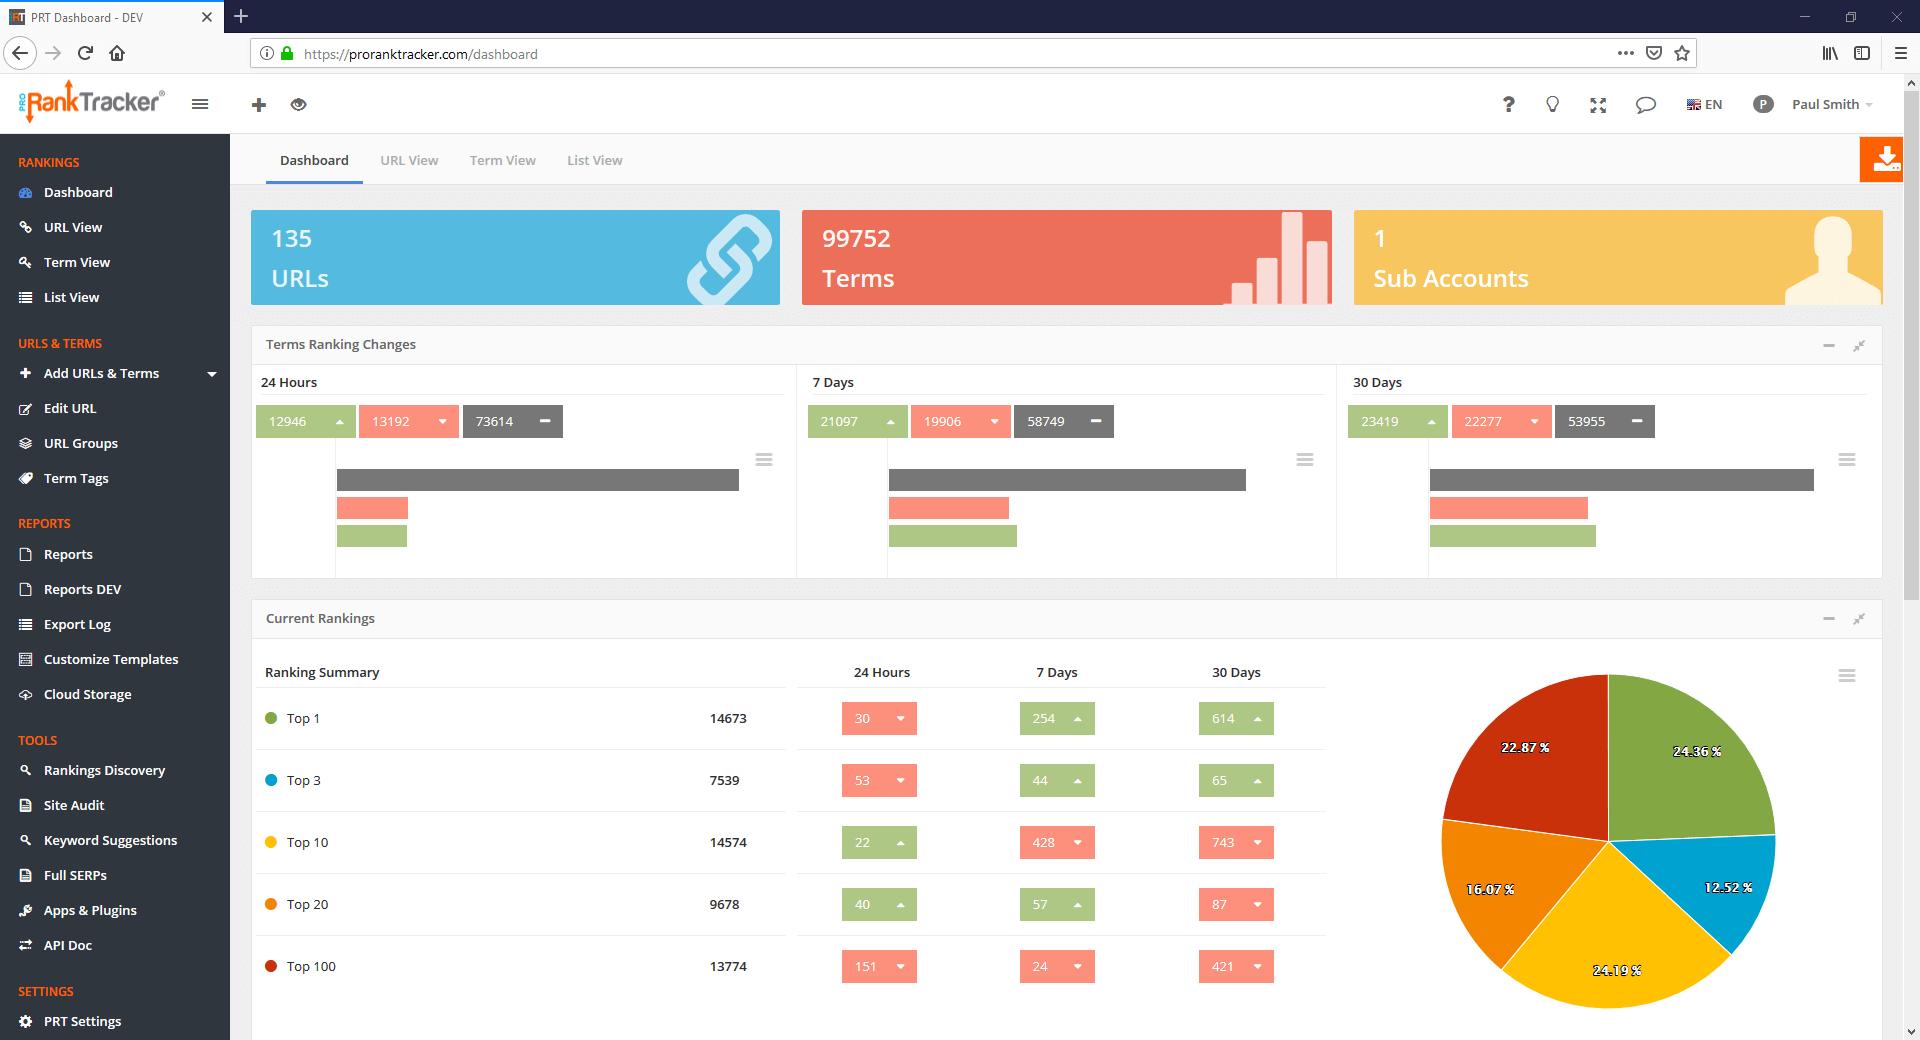 ProRankTracker main dashboard